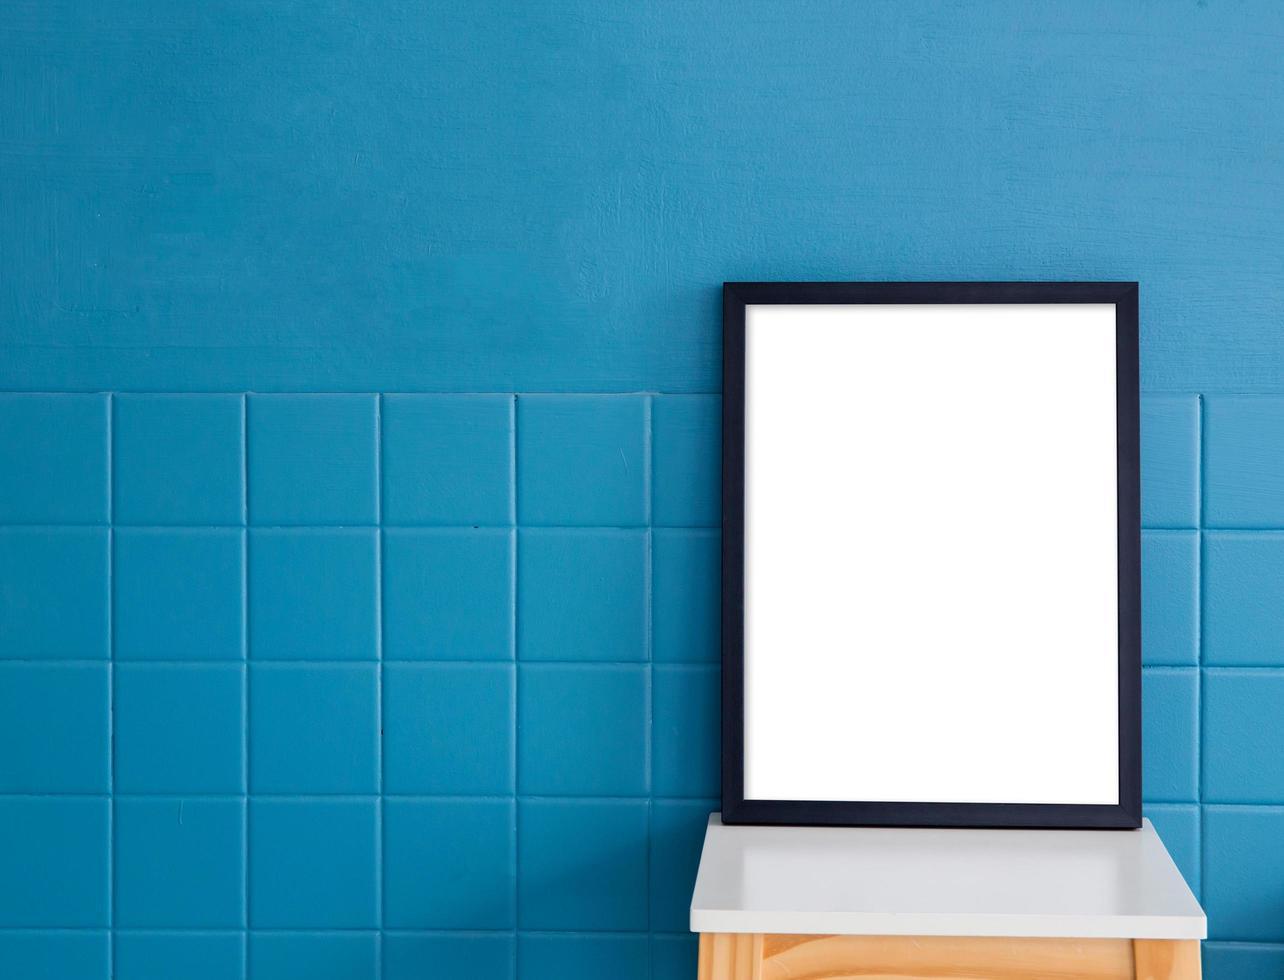 maquete de quadro vazio na mesa com espaço de cópia foto